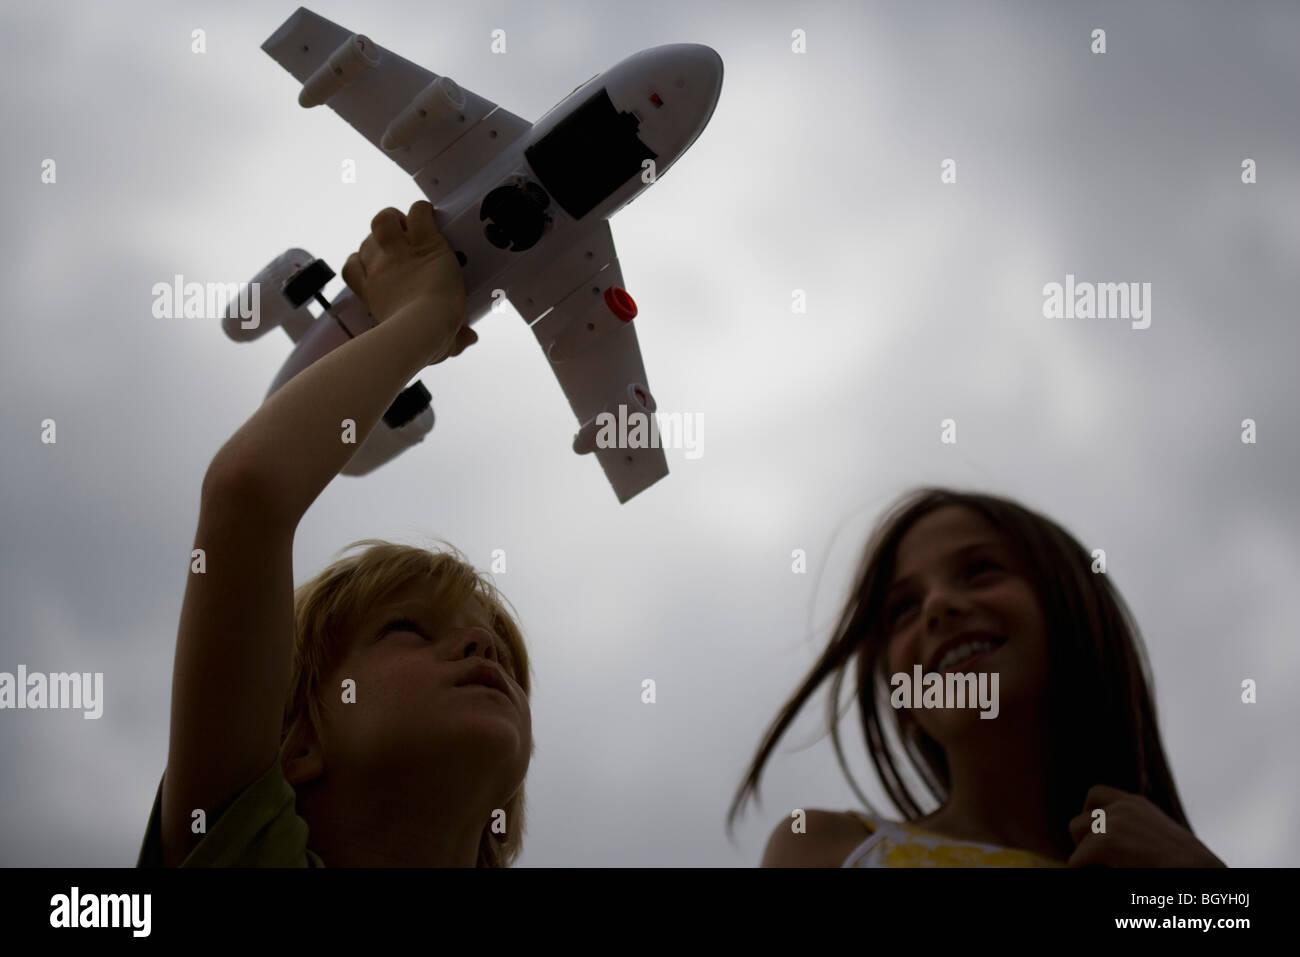 Jungen spielen mit Spielzeugflugzeug, ältere Schwester beobachten, Lächeln Stockbild